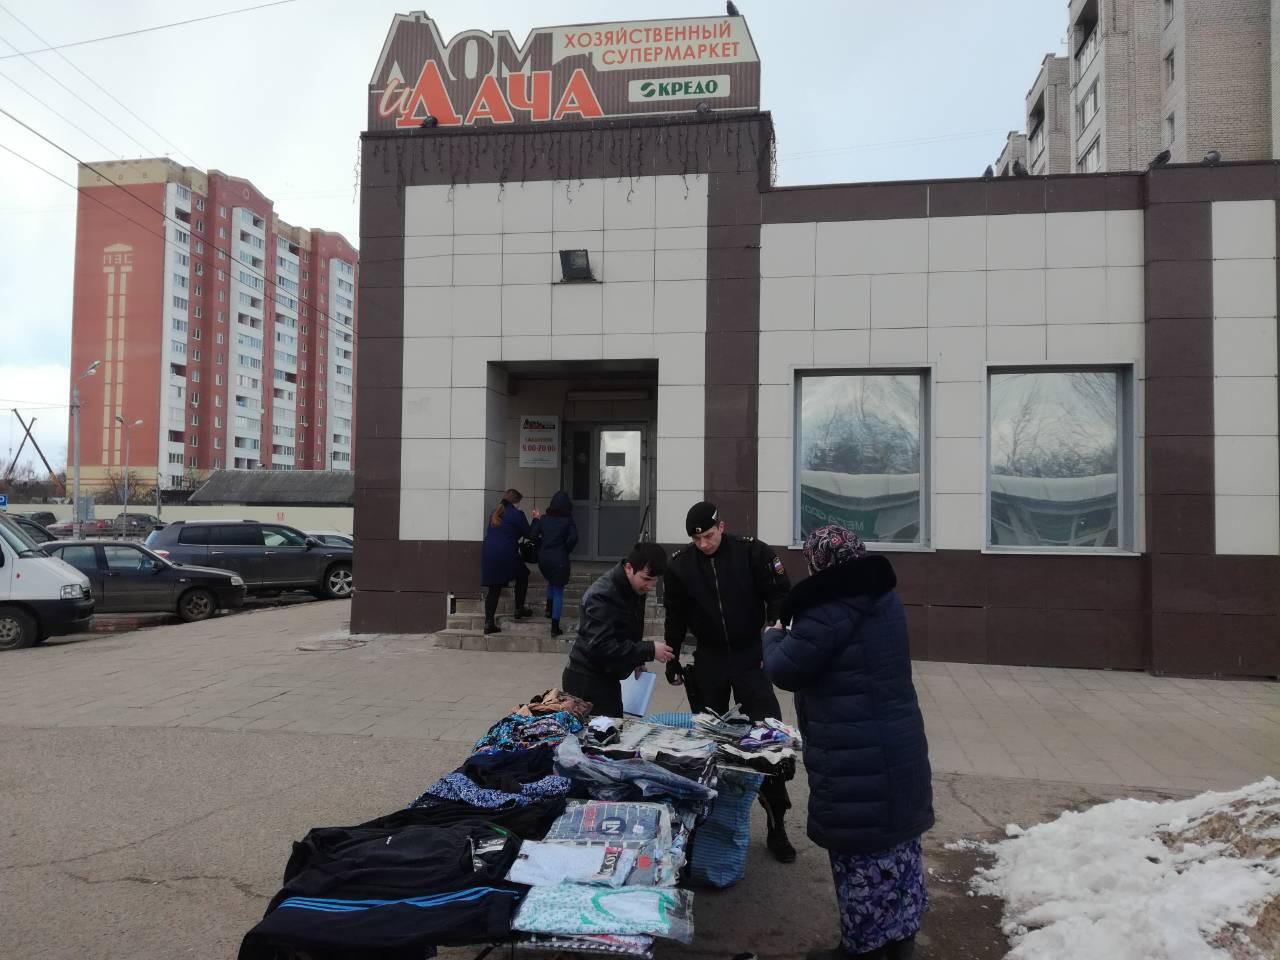 ВТвери наказали продавцов, которые незаконно торговали вещами на дорогах